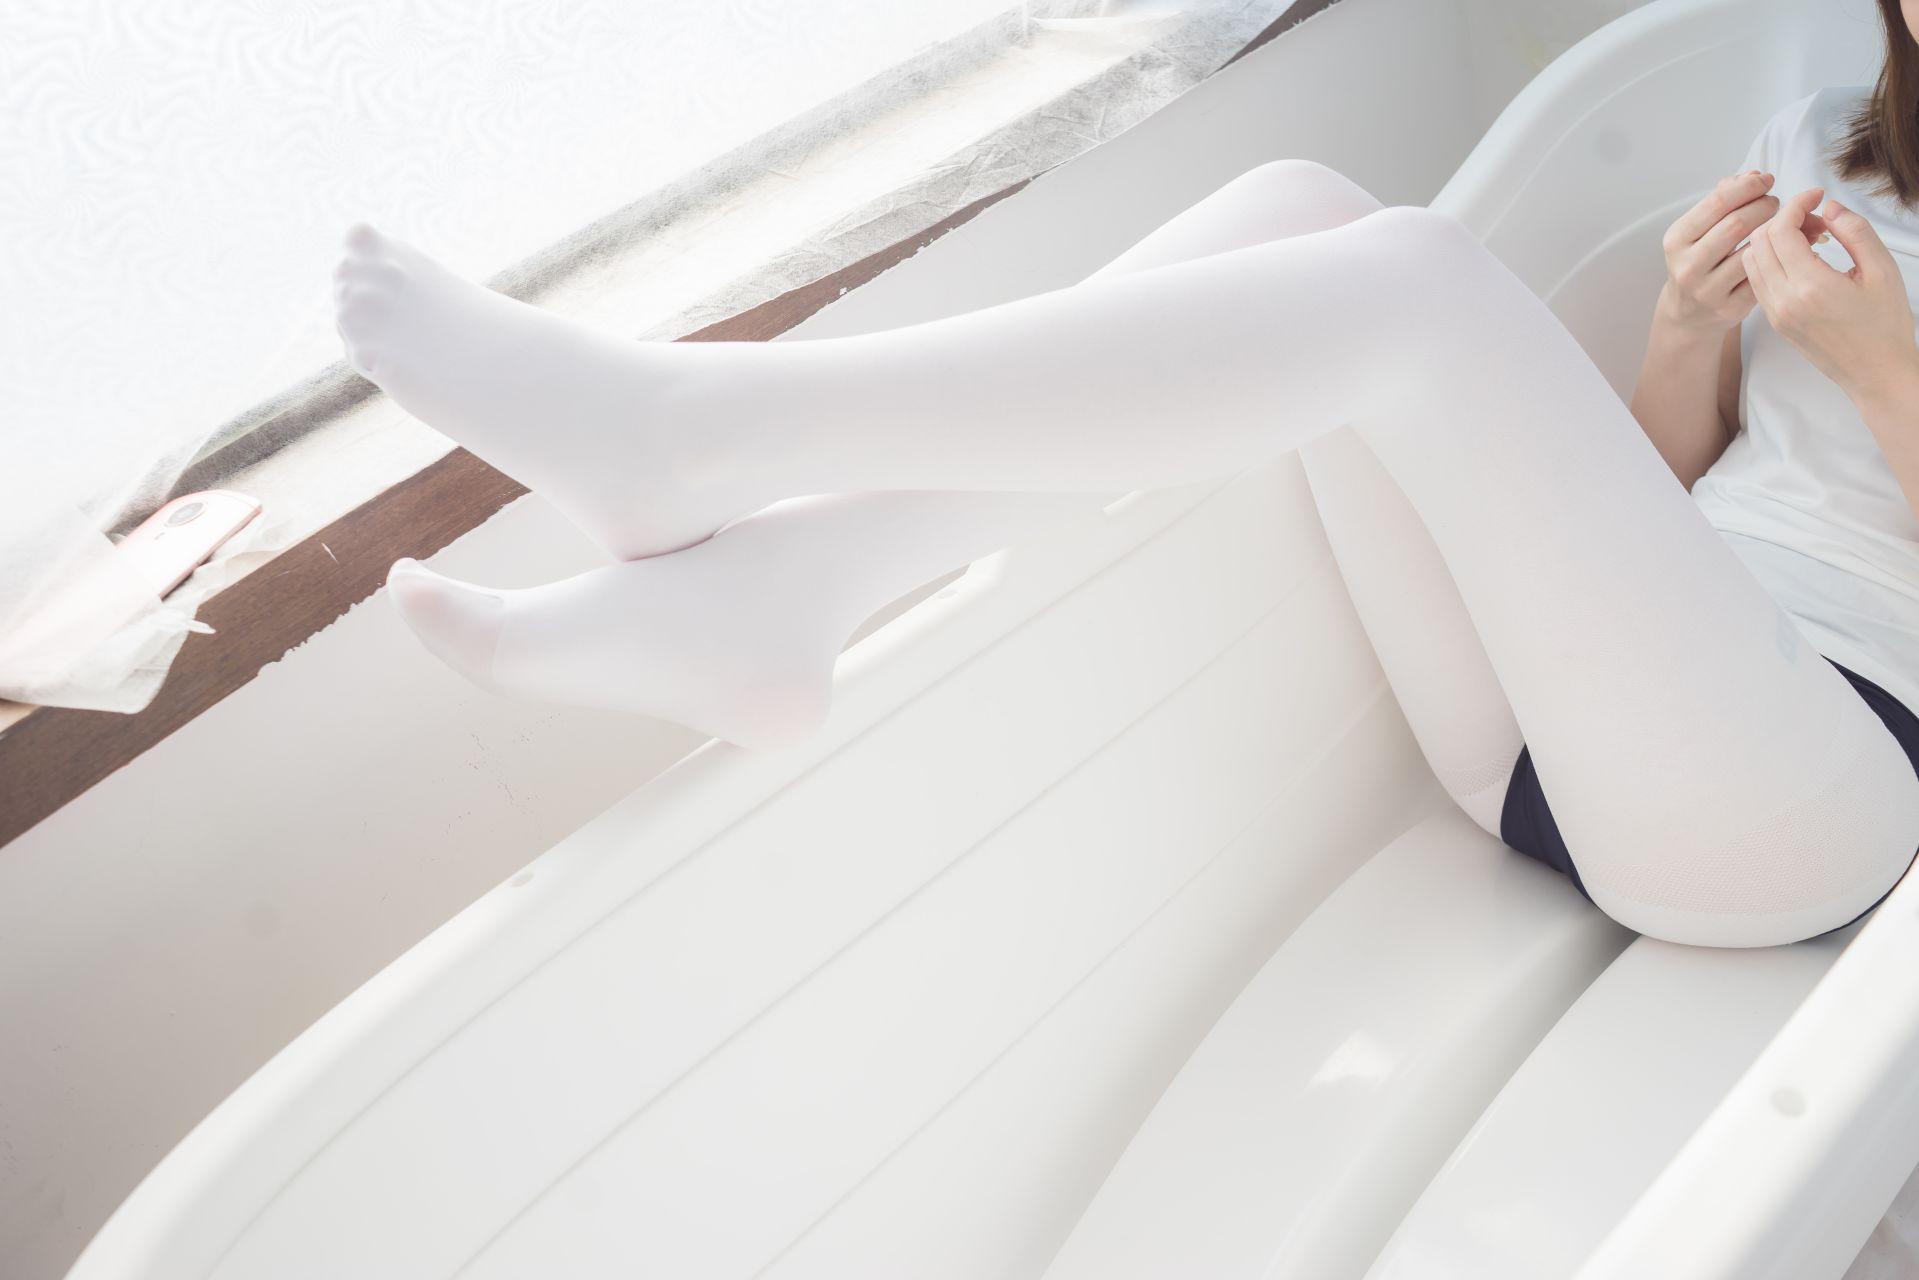 【森萝财团】森萝财团写真 - BETA-031 浴缸白丝 [48P1V-410MB] BETA系列 第5张